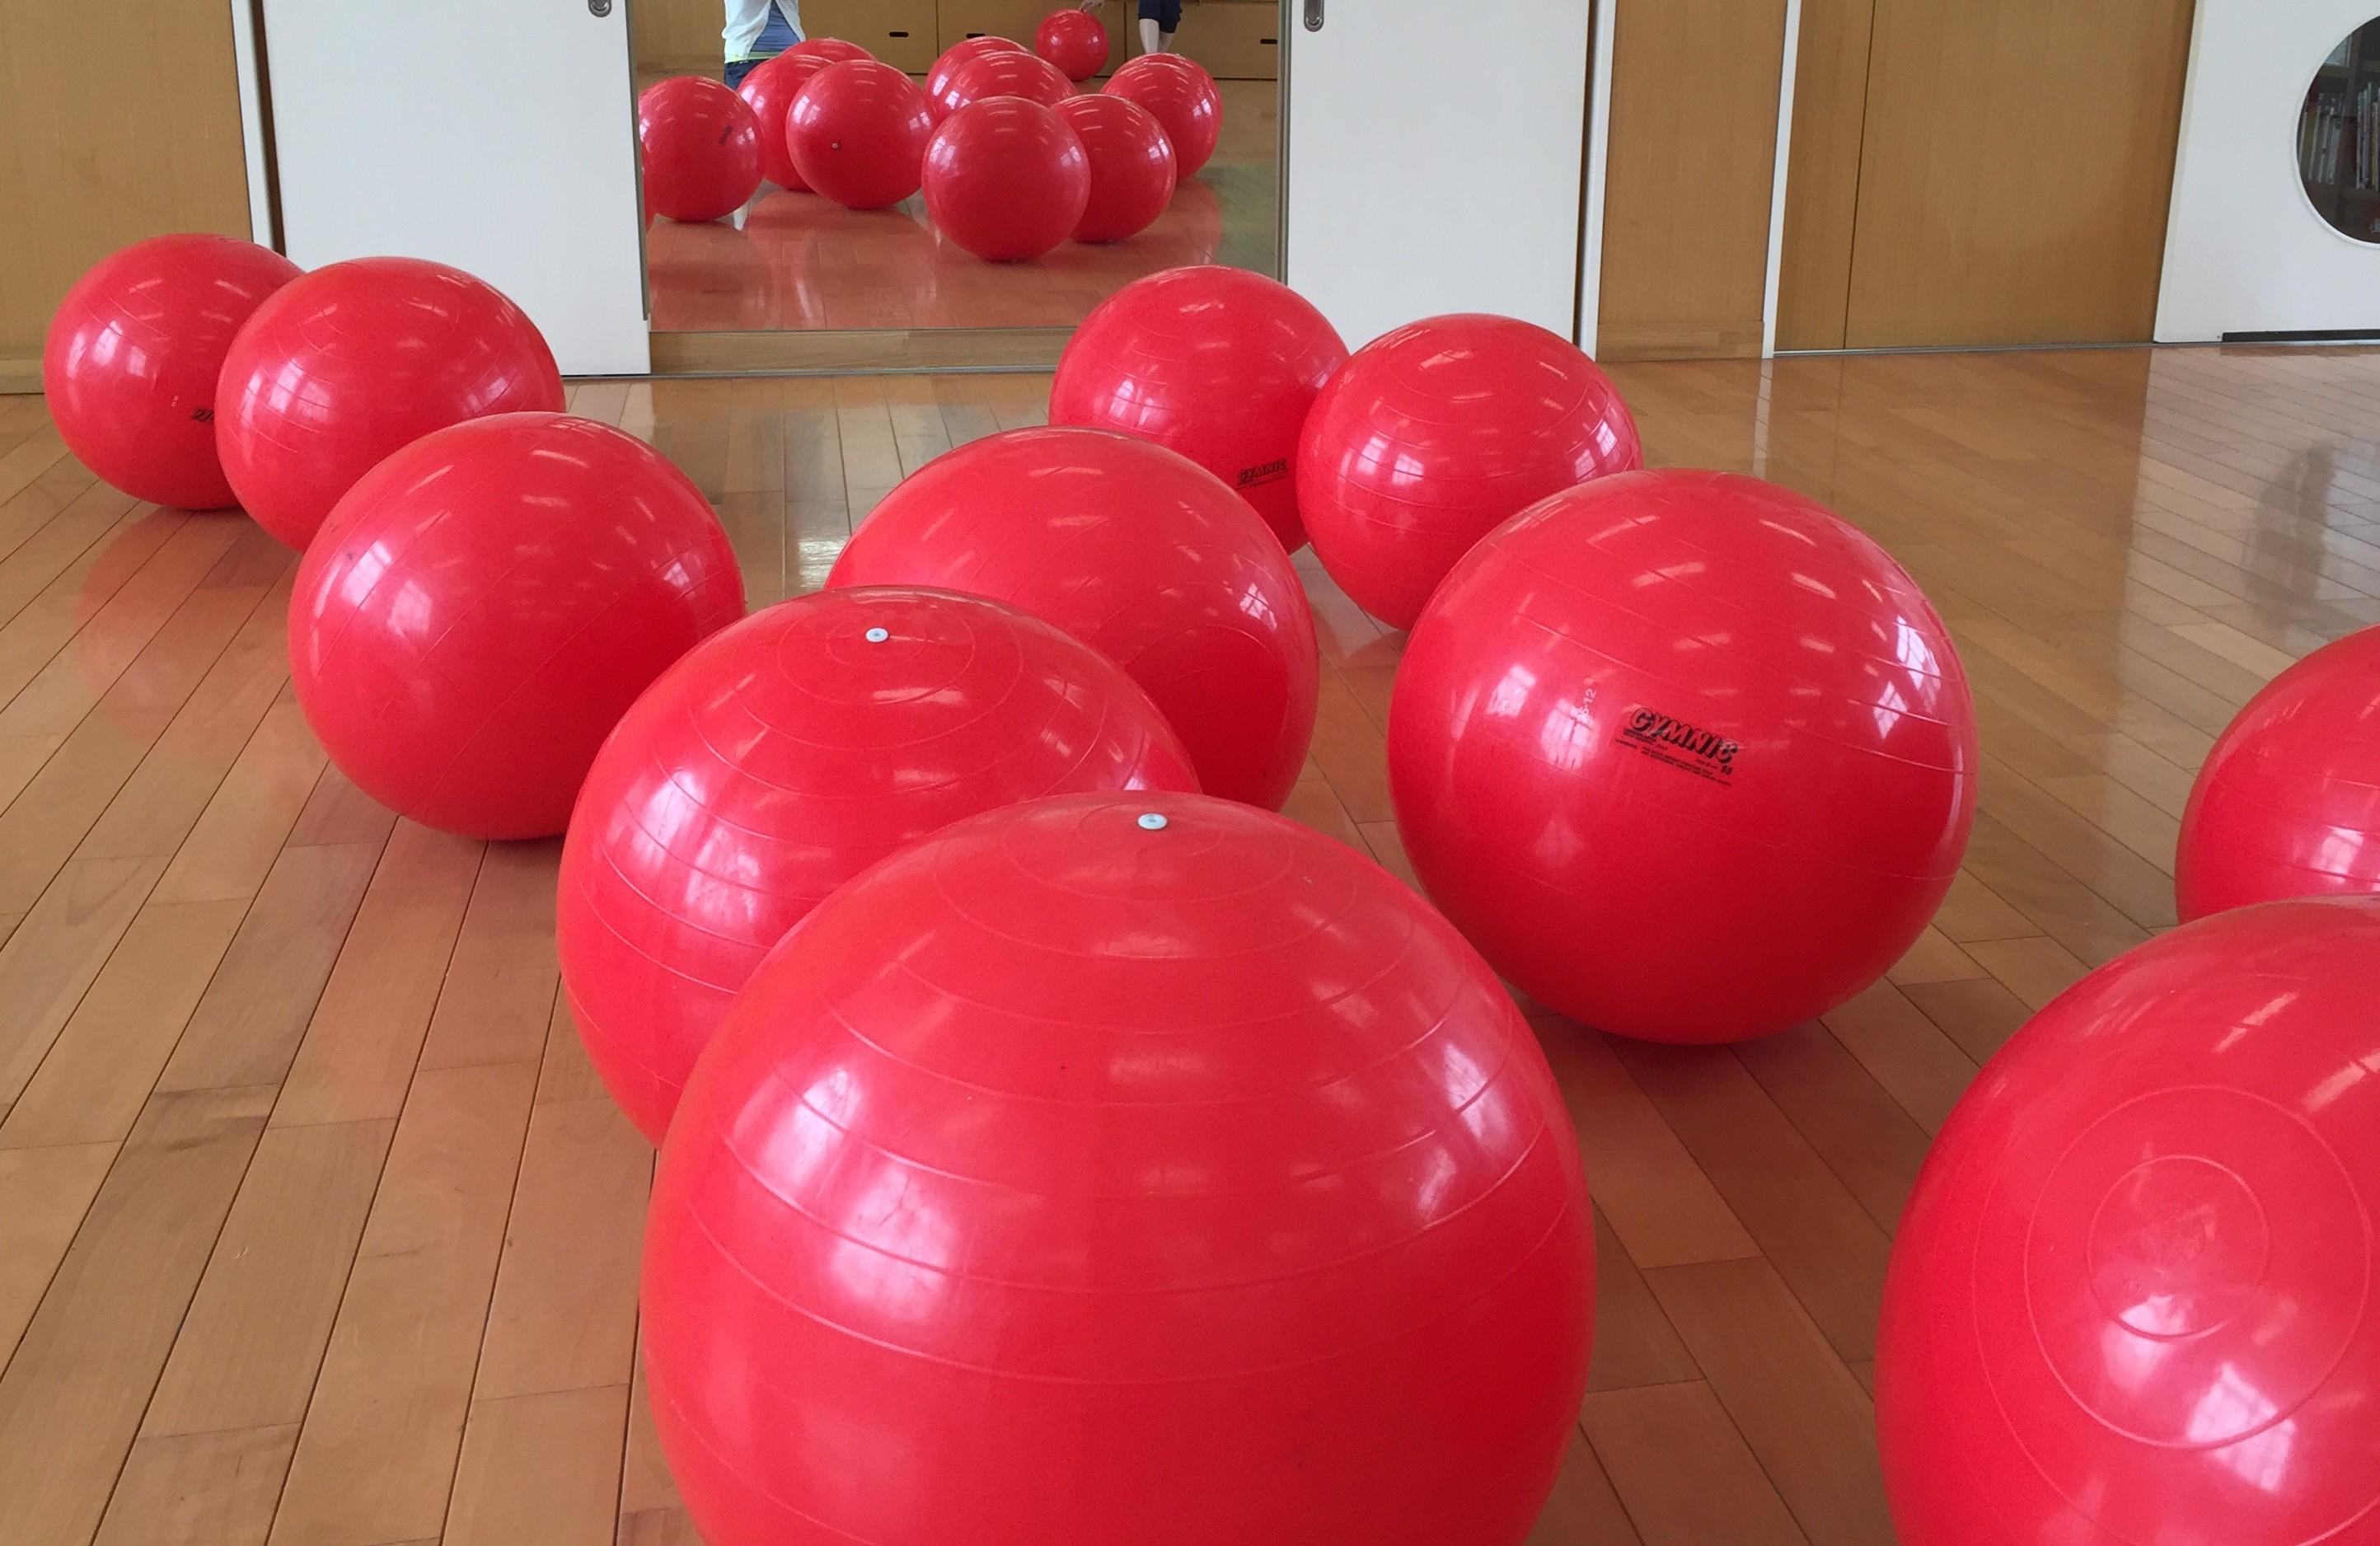 【託児付き】3/22 お腹の引き締めに効く!はじめてのバランスボールエクササイズ@長岡